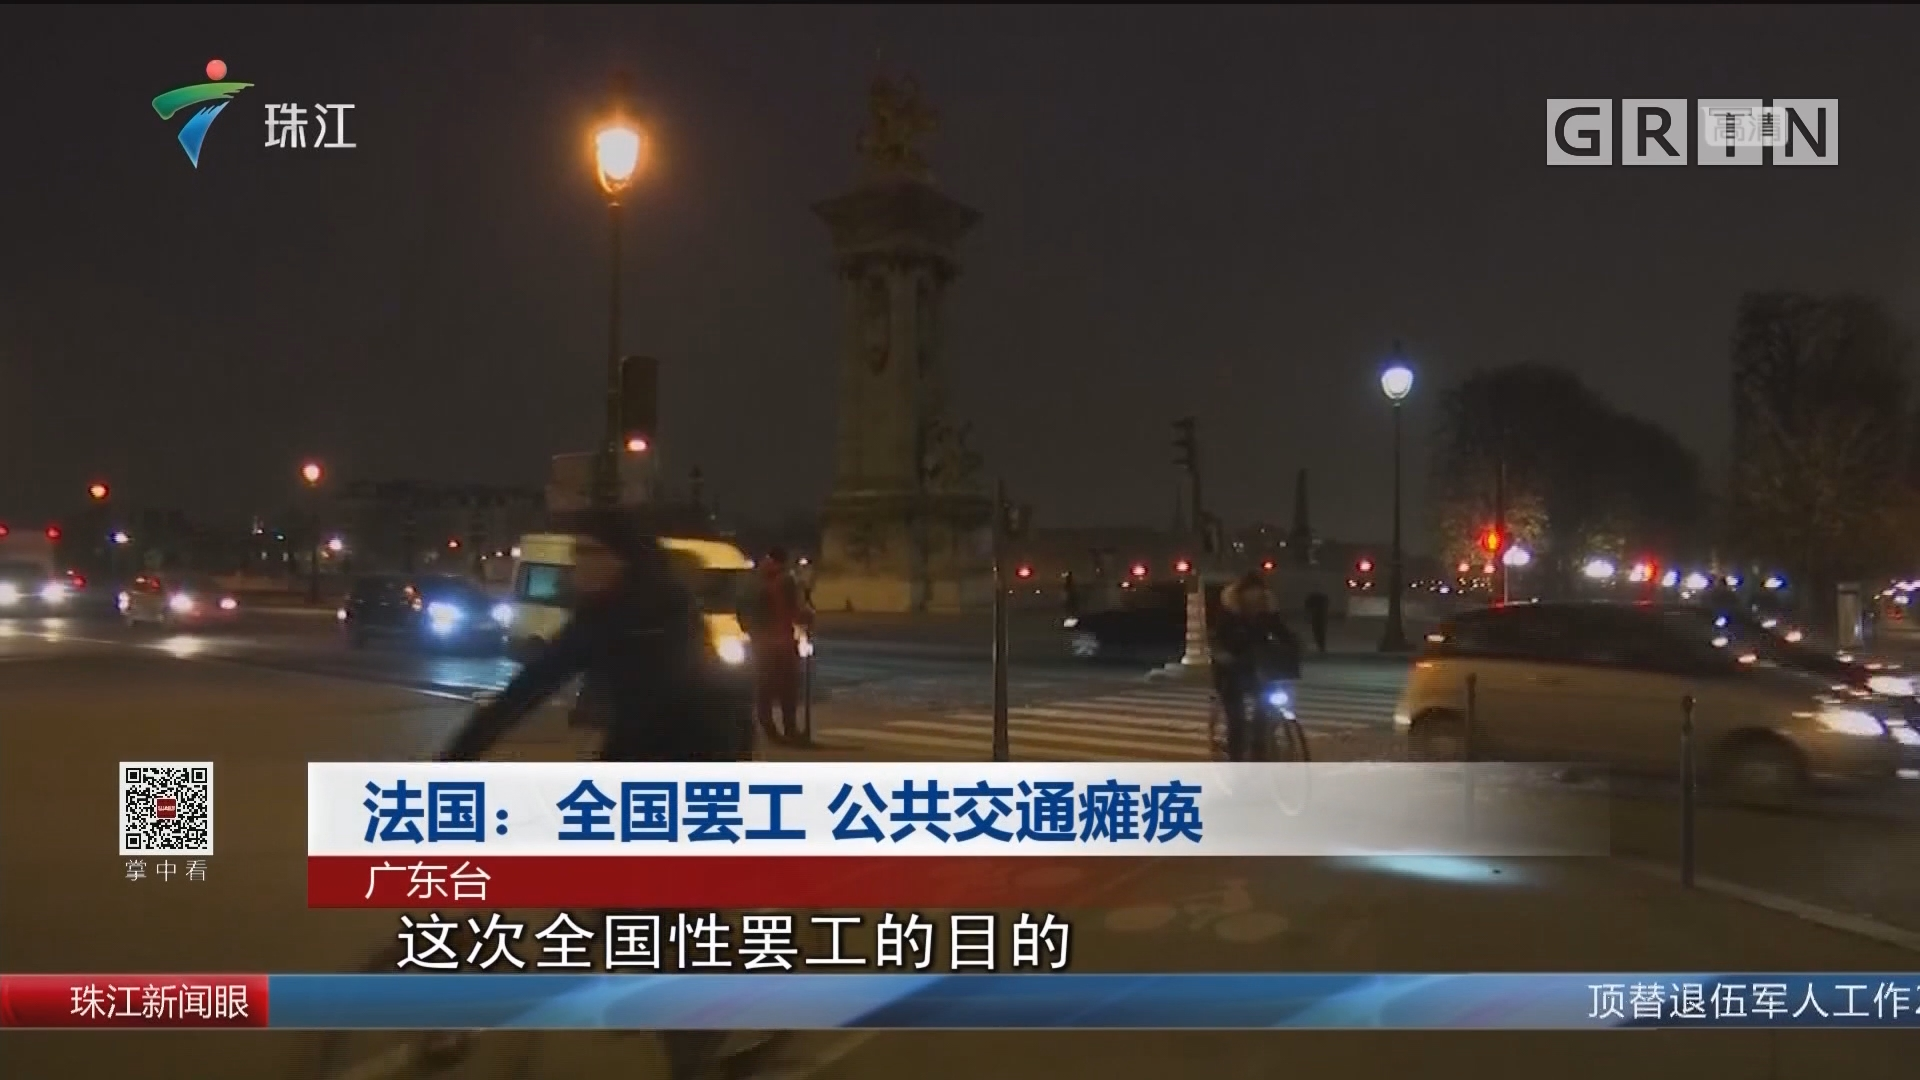 法国:全国罢工 公共交通瘫痪